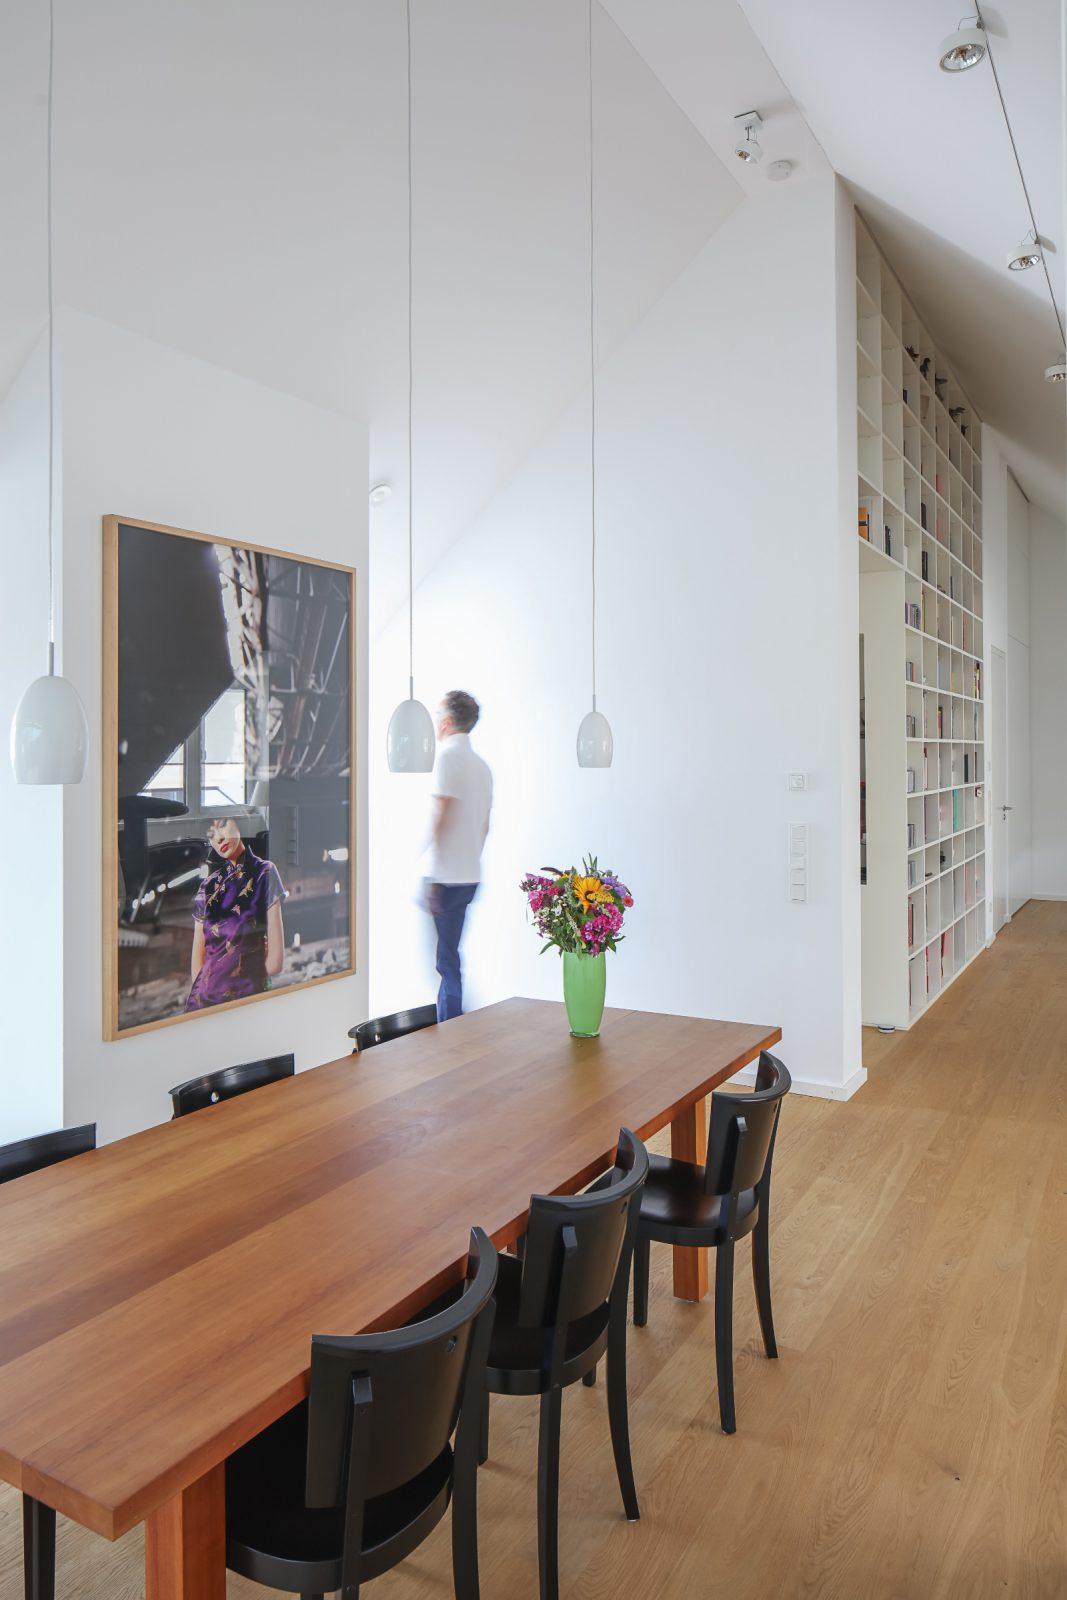 Umbau-Dachgeschossausbau-Muenchen-Schwabing-Essbereich-02-Friedrich-Poerschke-Zwink-Architekten-Muenchen-2012-Foto-Michael-Heinrich